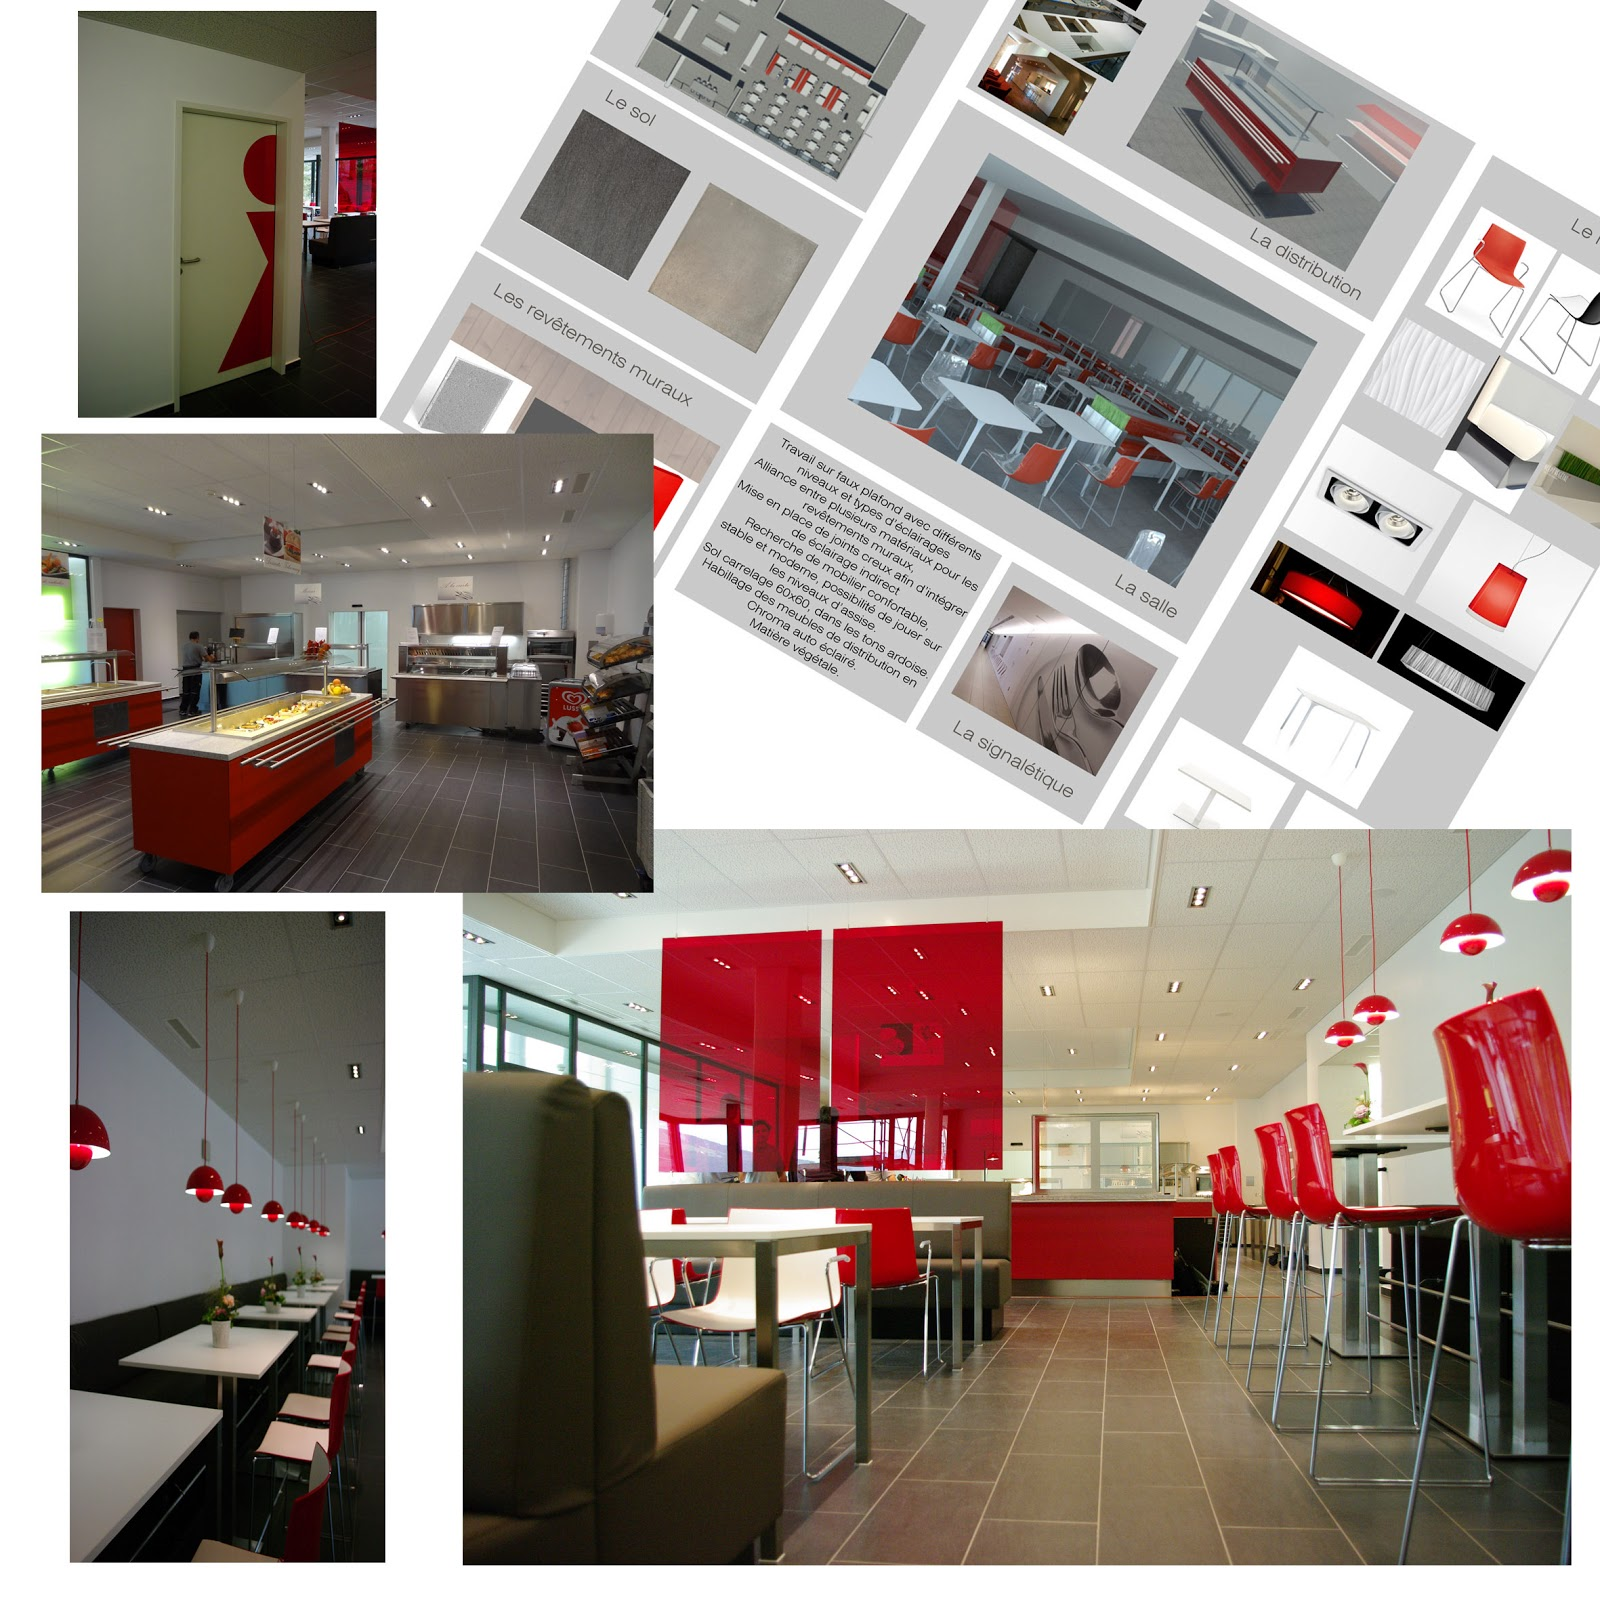 Laure marcon architecte d int rieur conception for Ecole superieure de cuisine francaise